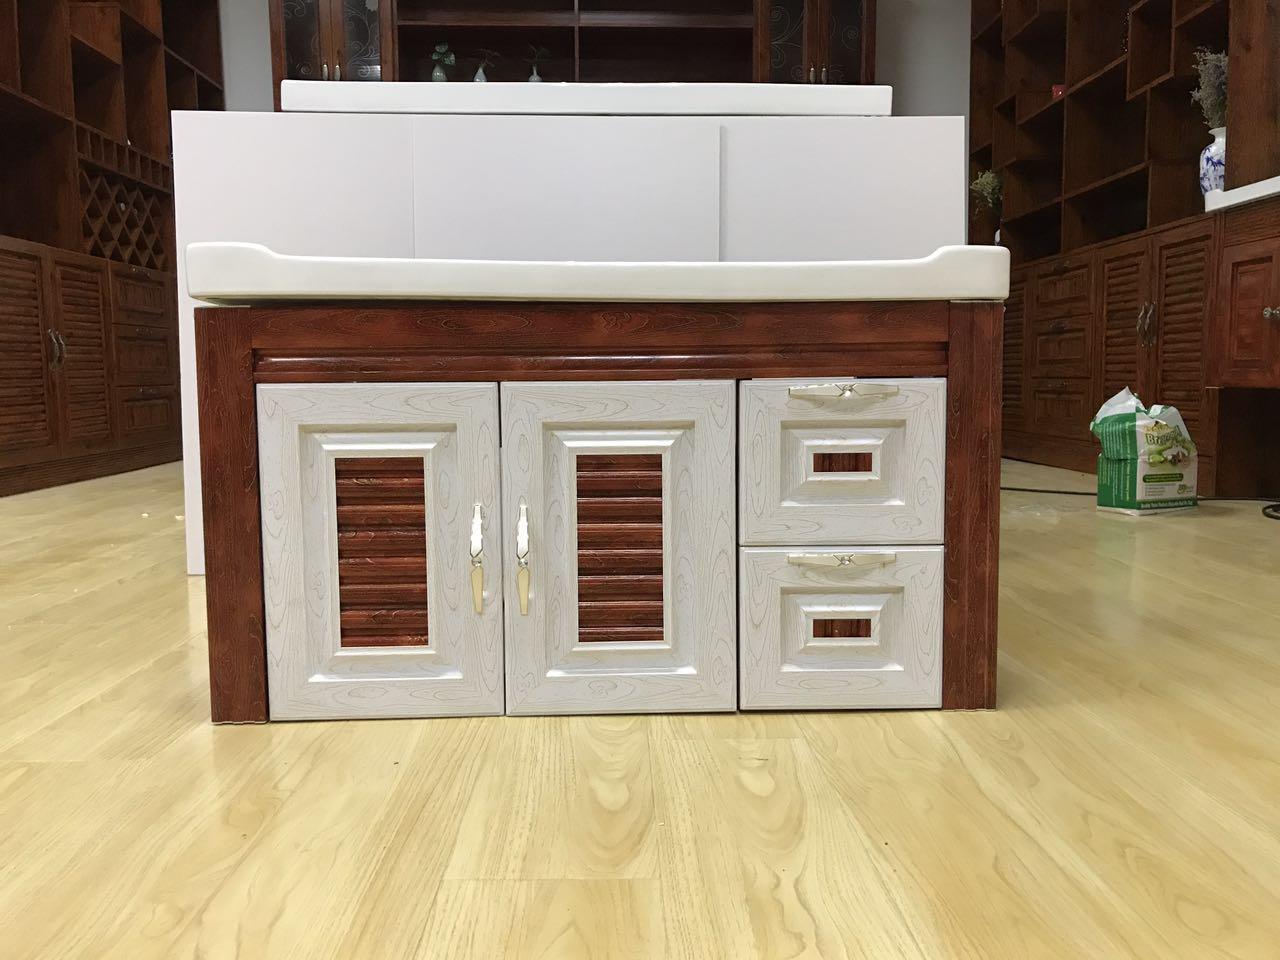 山东报价合理的全铝浴室柜出售_济南全铝浴室柜经销商